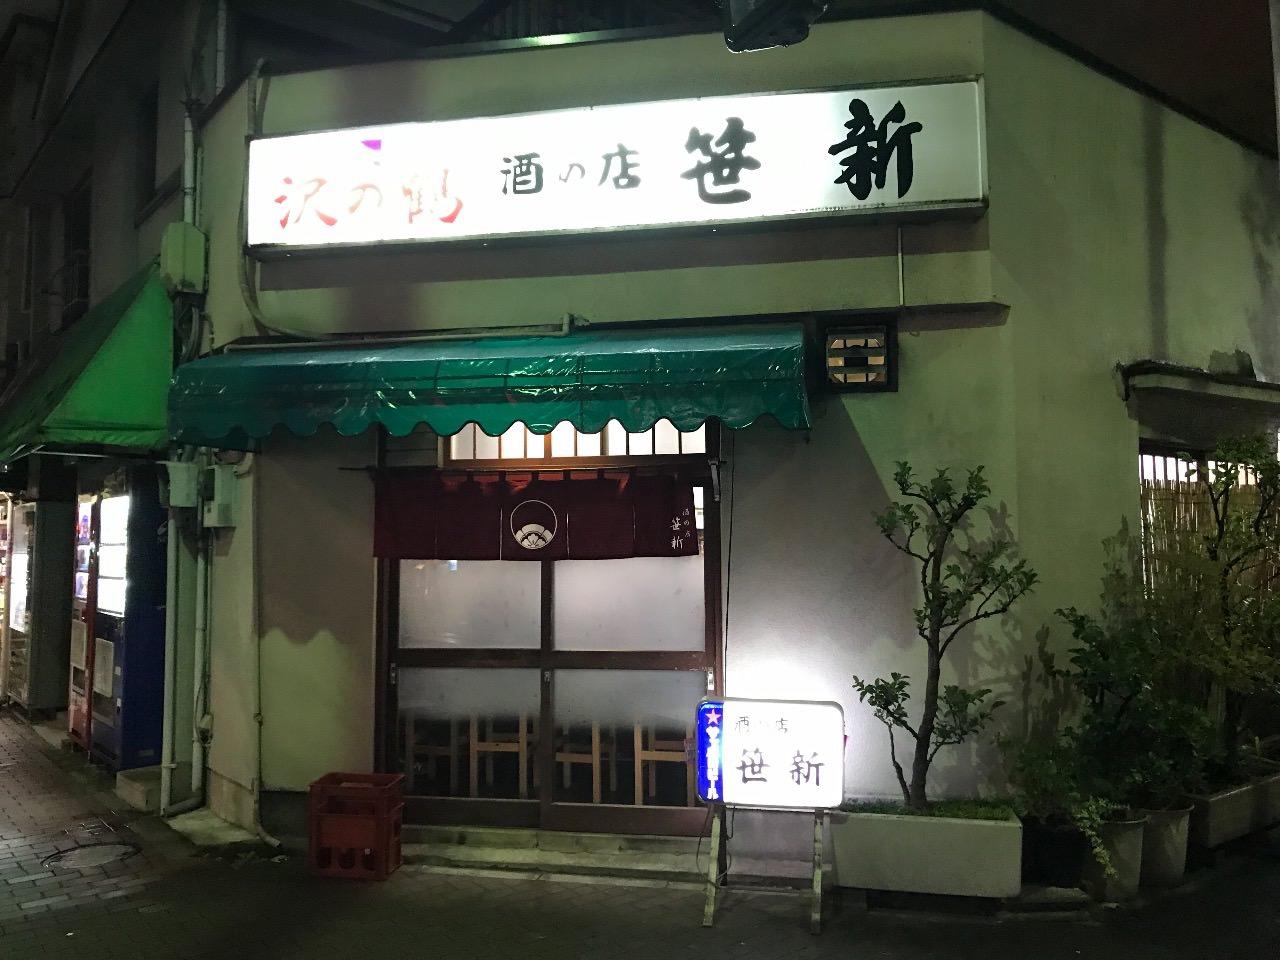 「笹新」カウンターに大皿料理の並ぶ魚の美味い老舗の居酒屋【人形町】